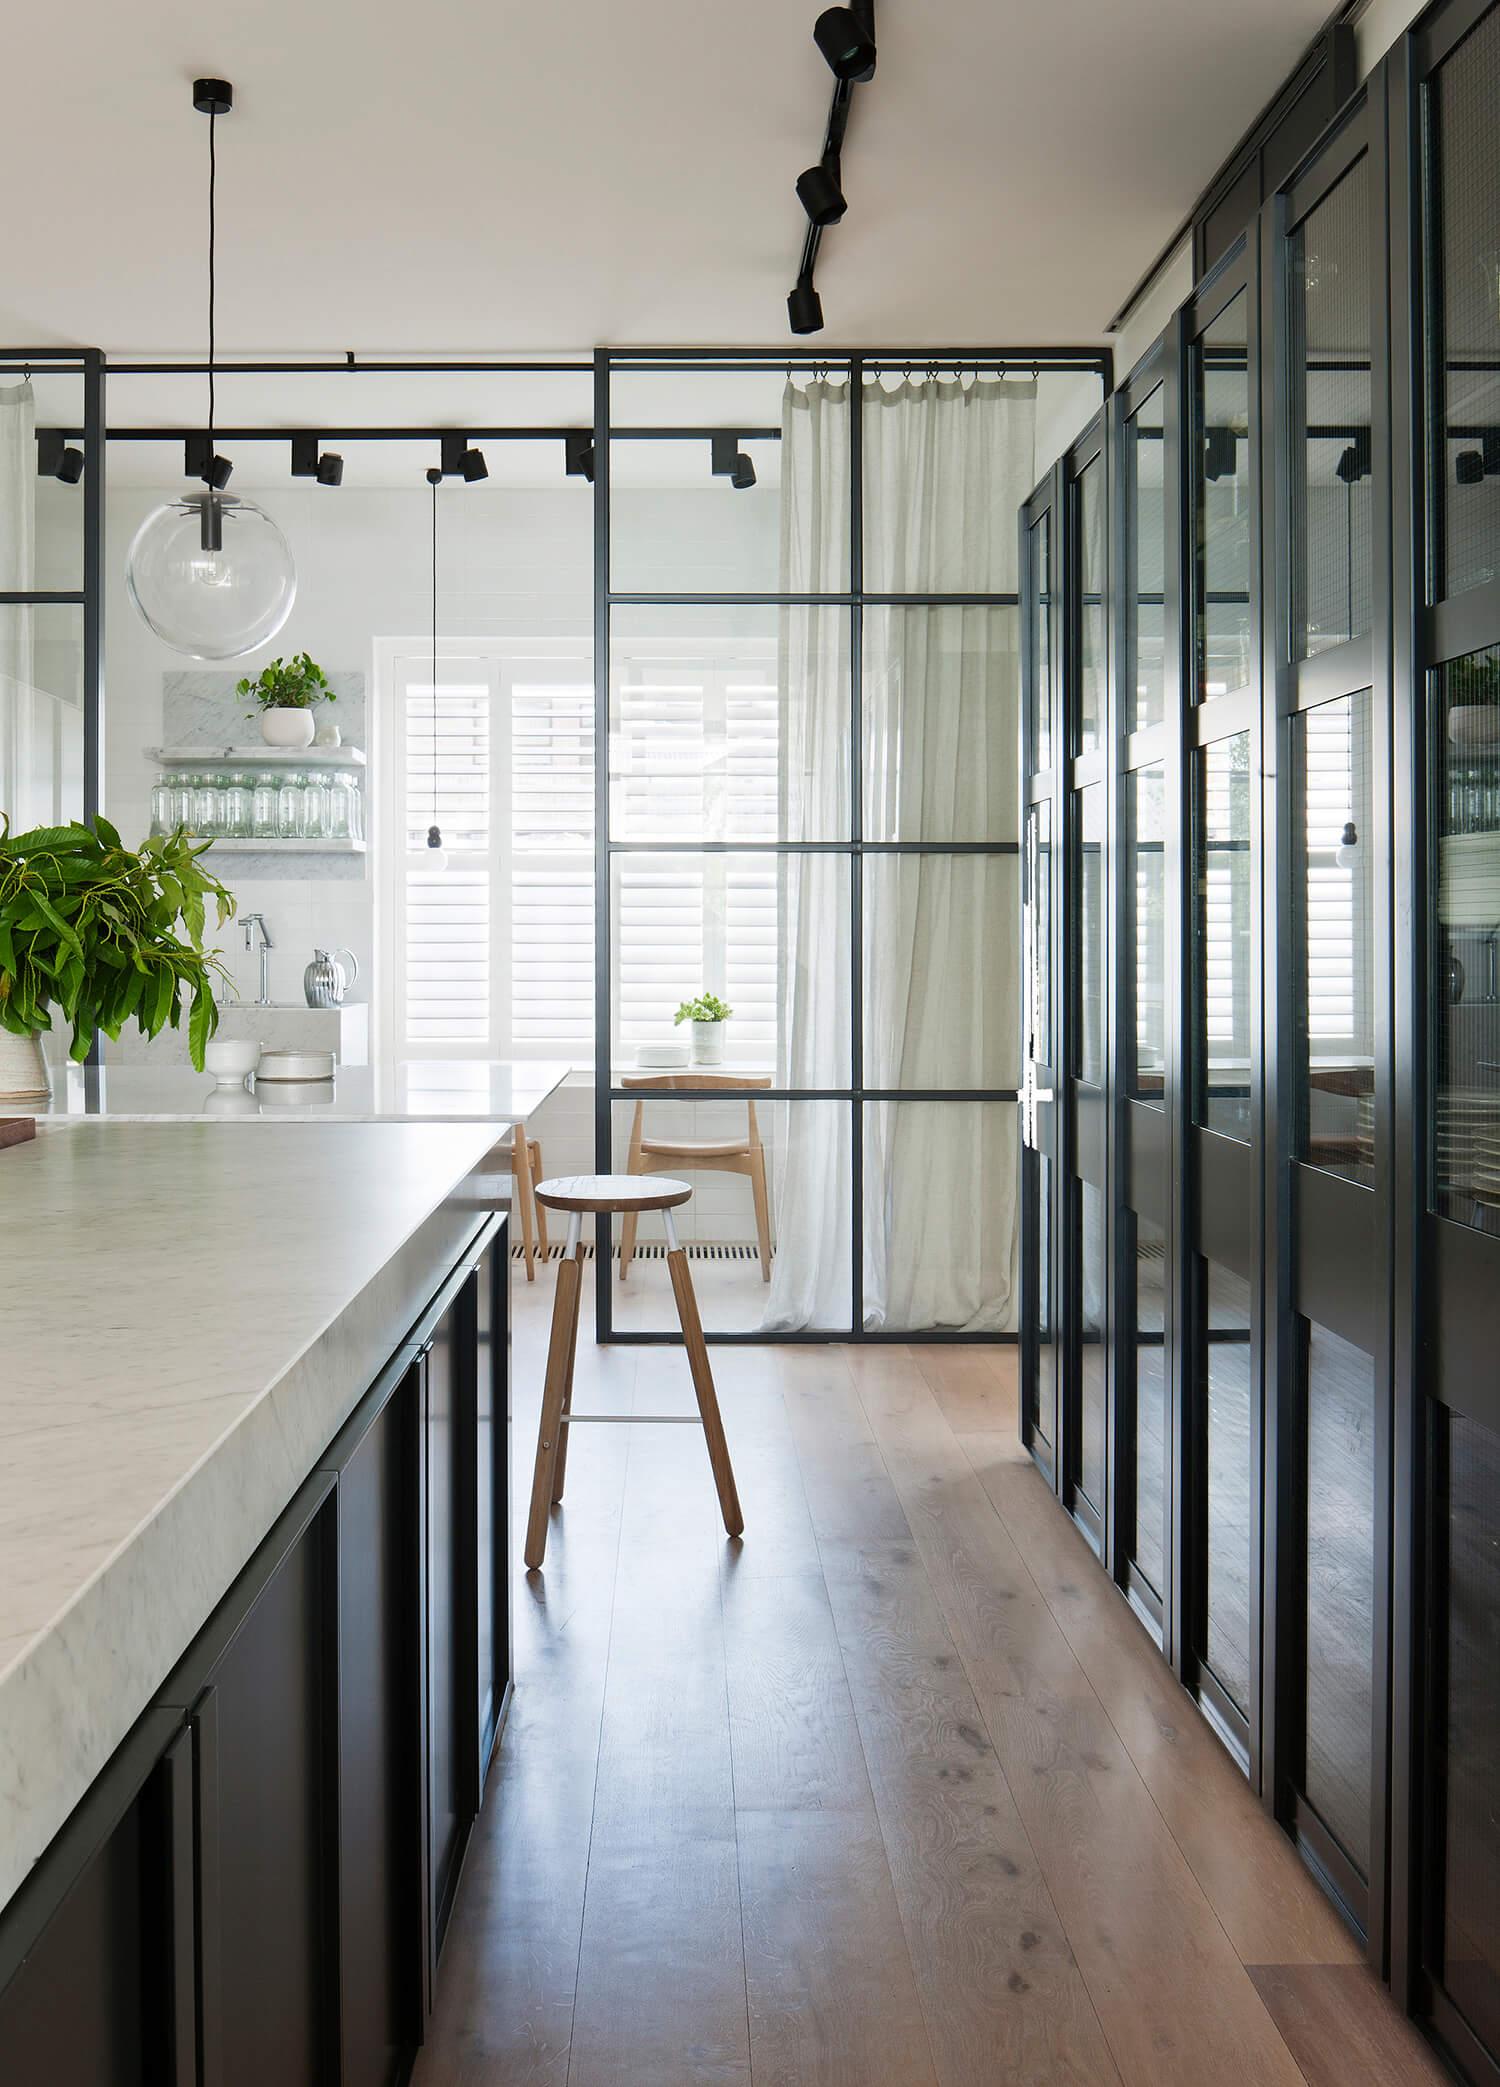 est living hecker guthrie kitchen covet